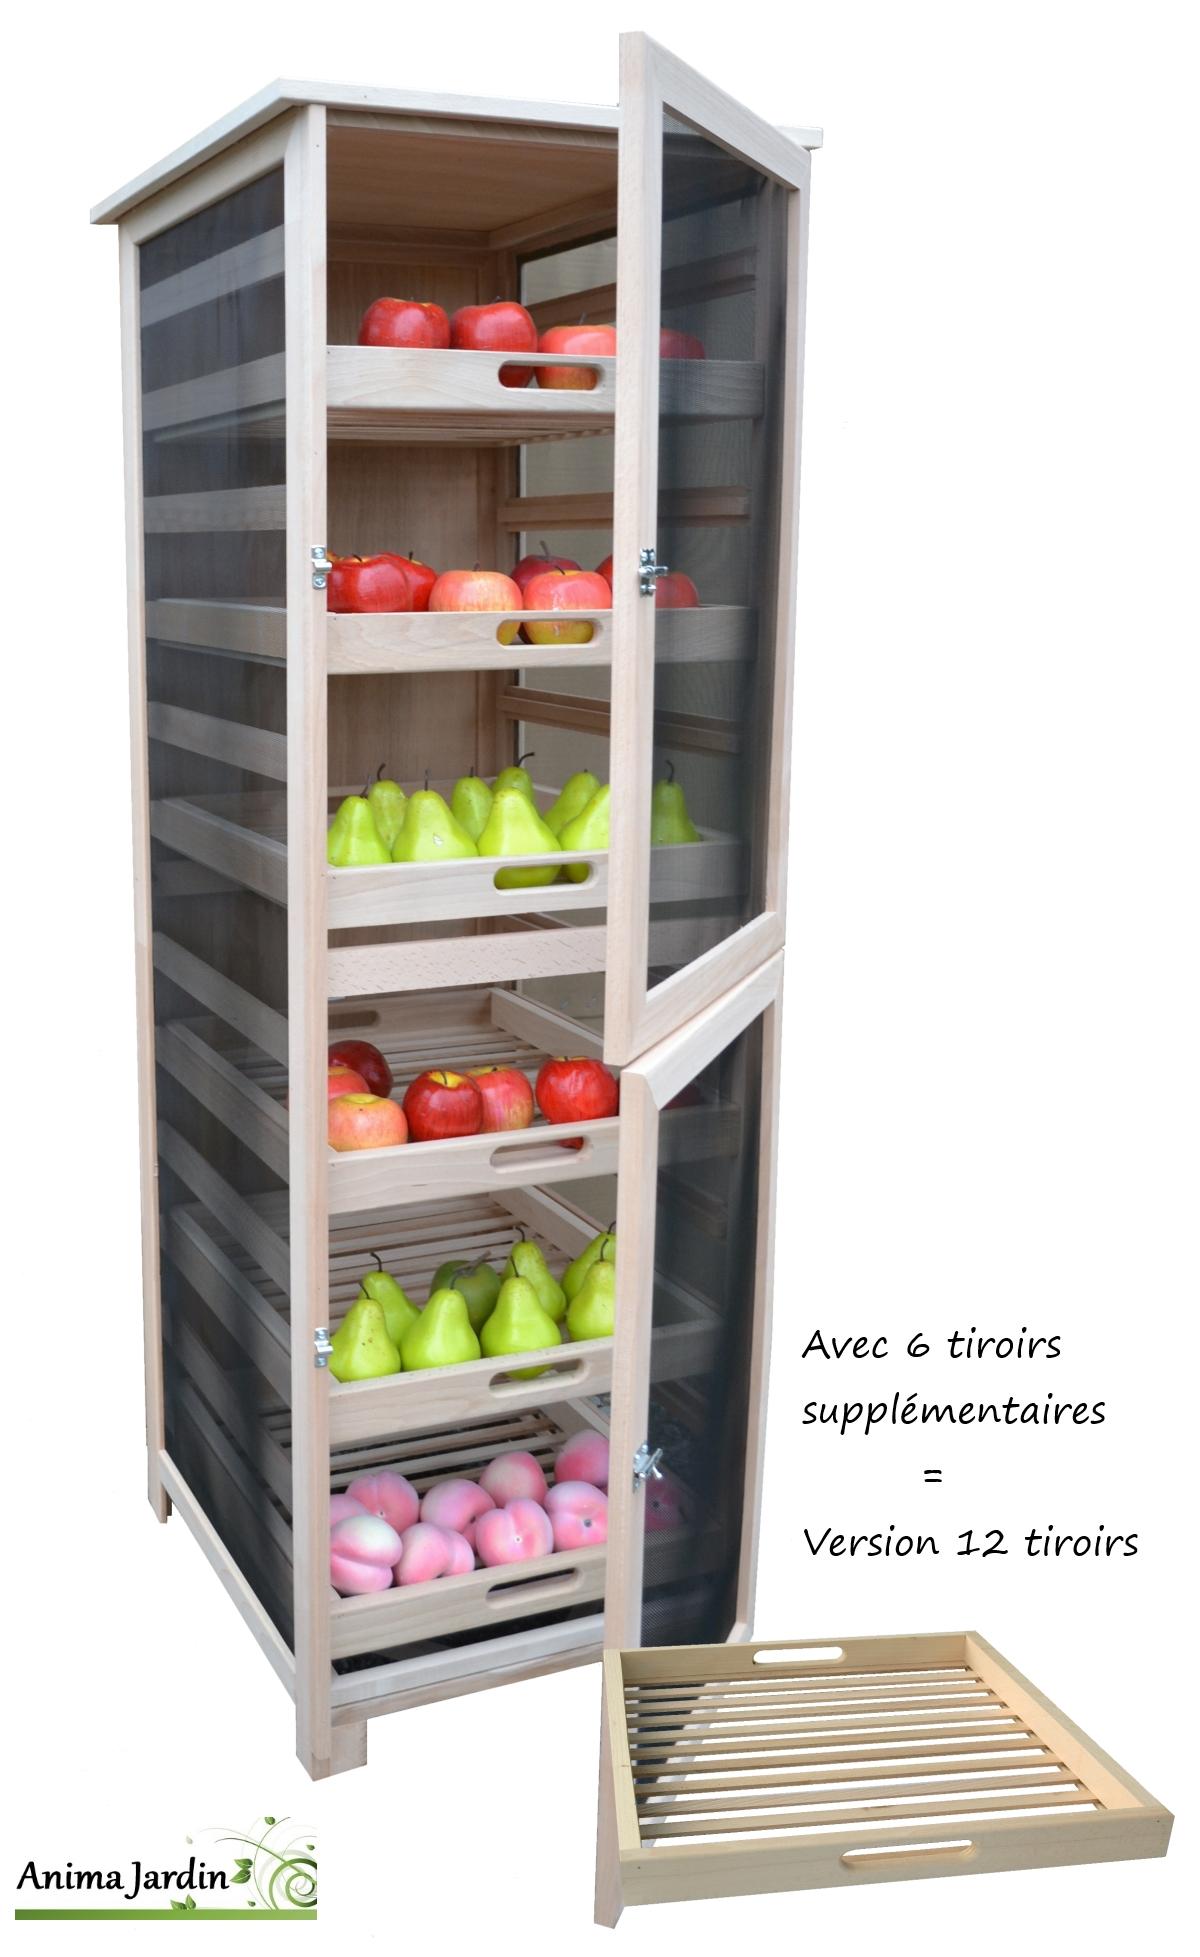 Conservateur-de fruits-et légumes-12-tiroirs-anima-jardin.fr